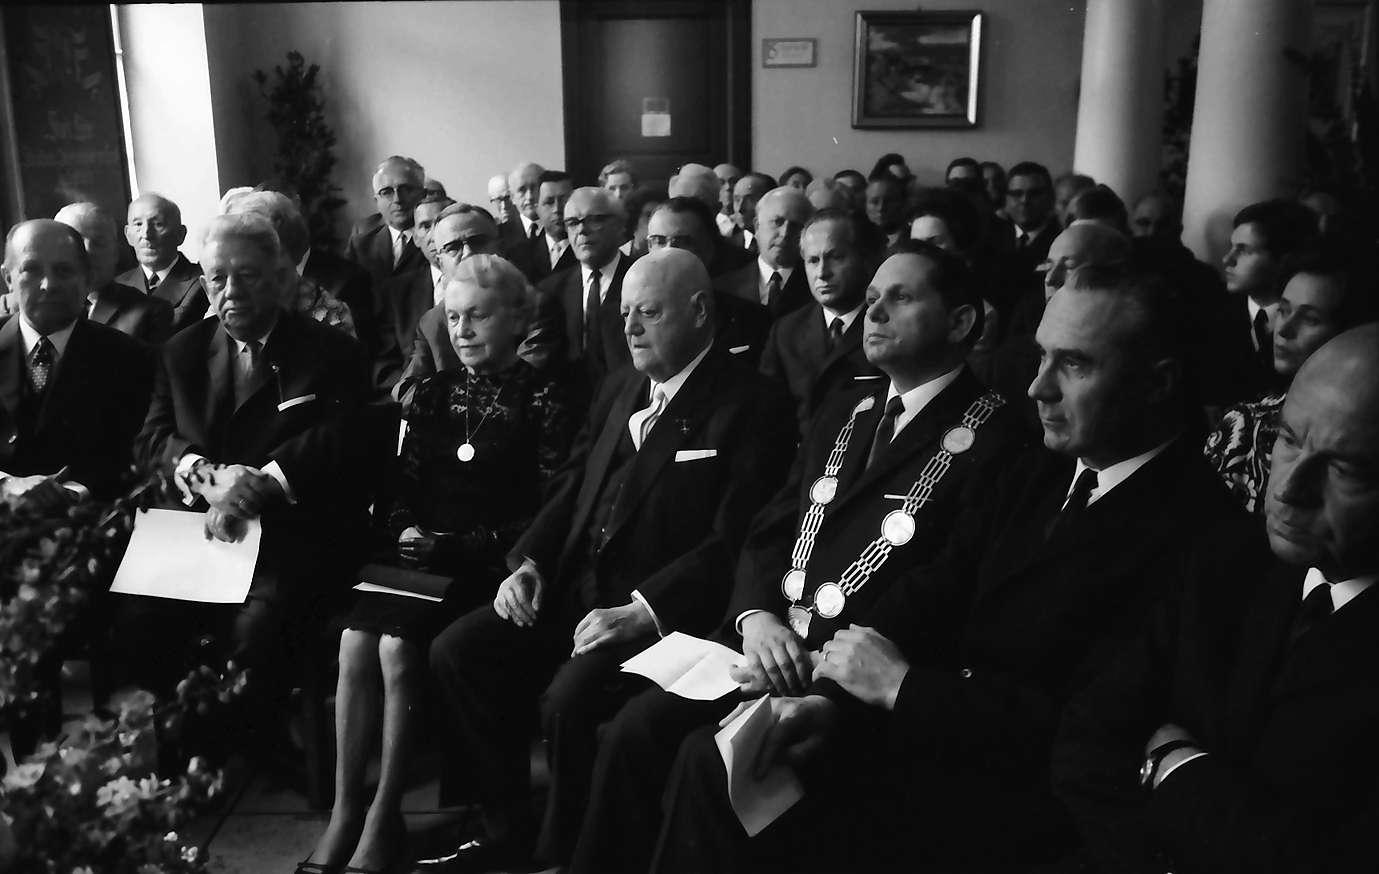 Lahr: Altregierungspräsident Waeldin, 80 Jahre; Festakt im Rathaus mit: von links nach rechts: Dichtel, Frau Waeldin, Oberbürgermeister Brucker, Person, Bild 1